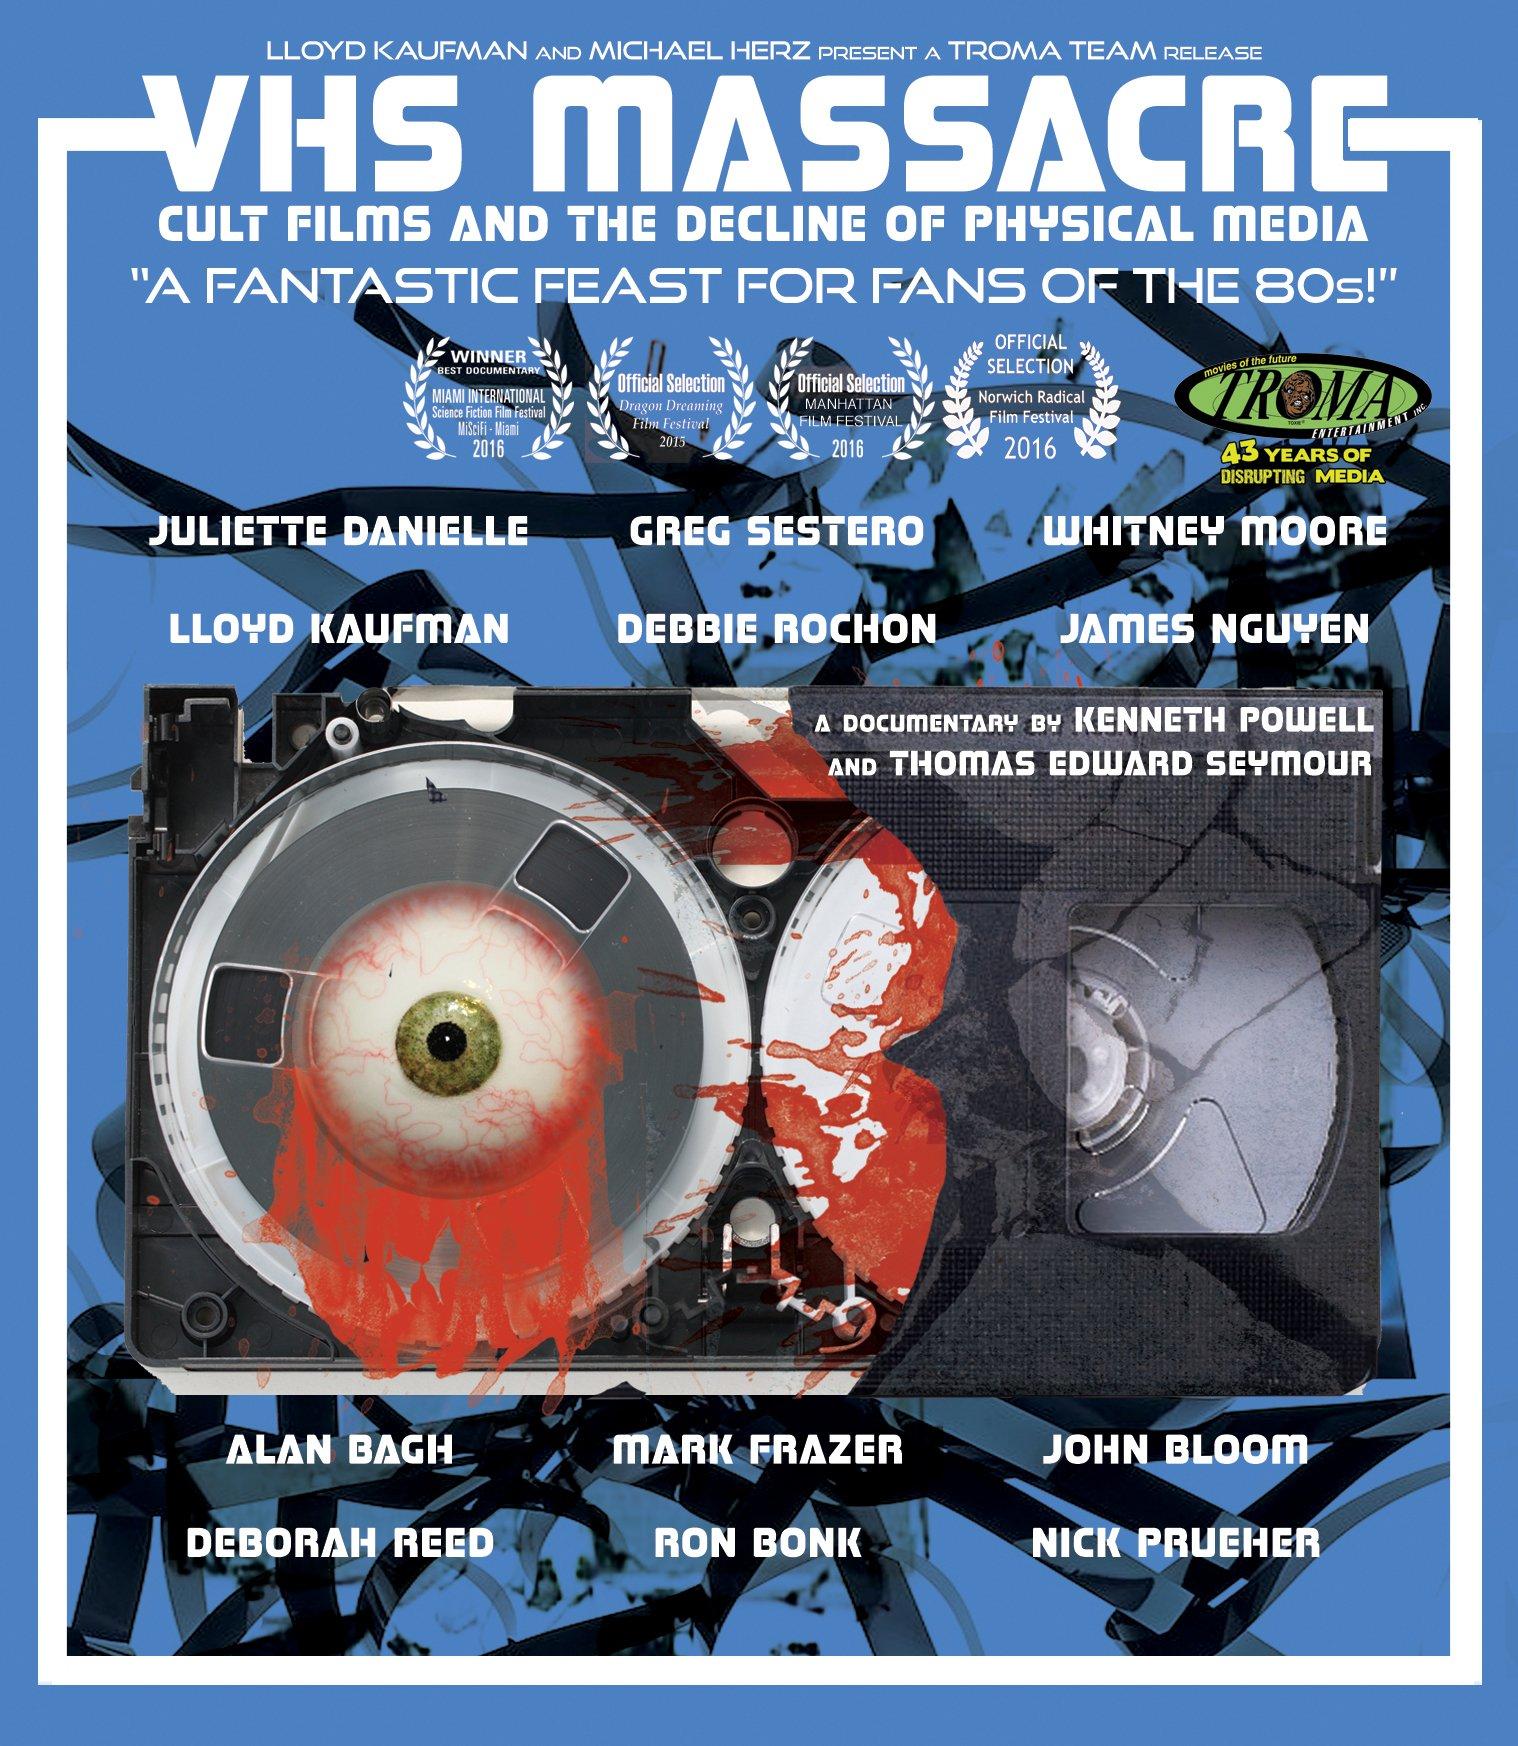 VHS Massacre (Widescreen)